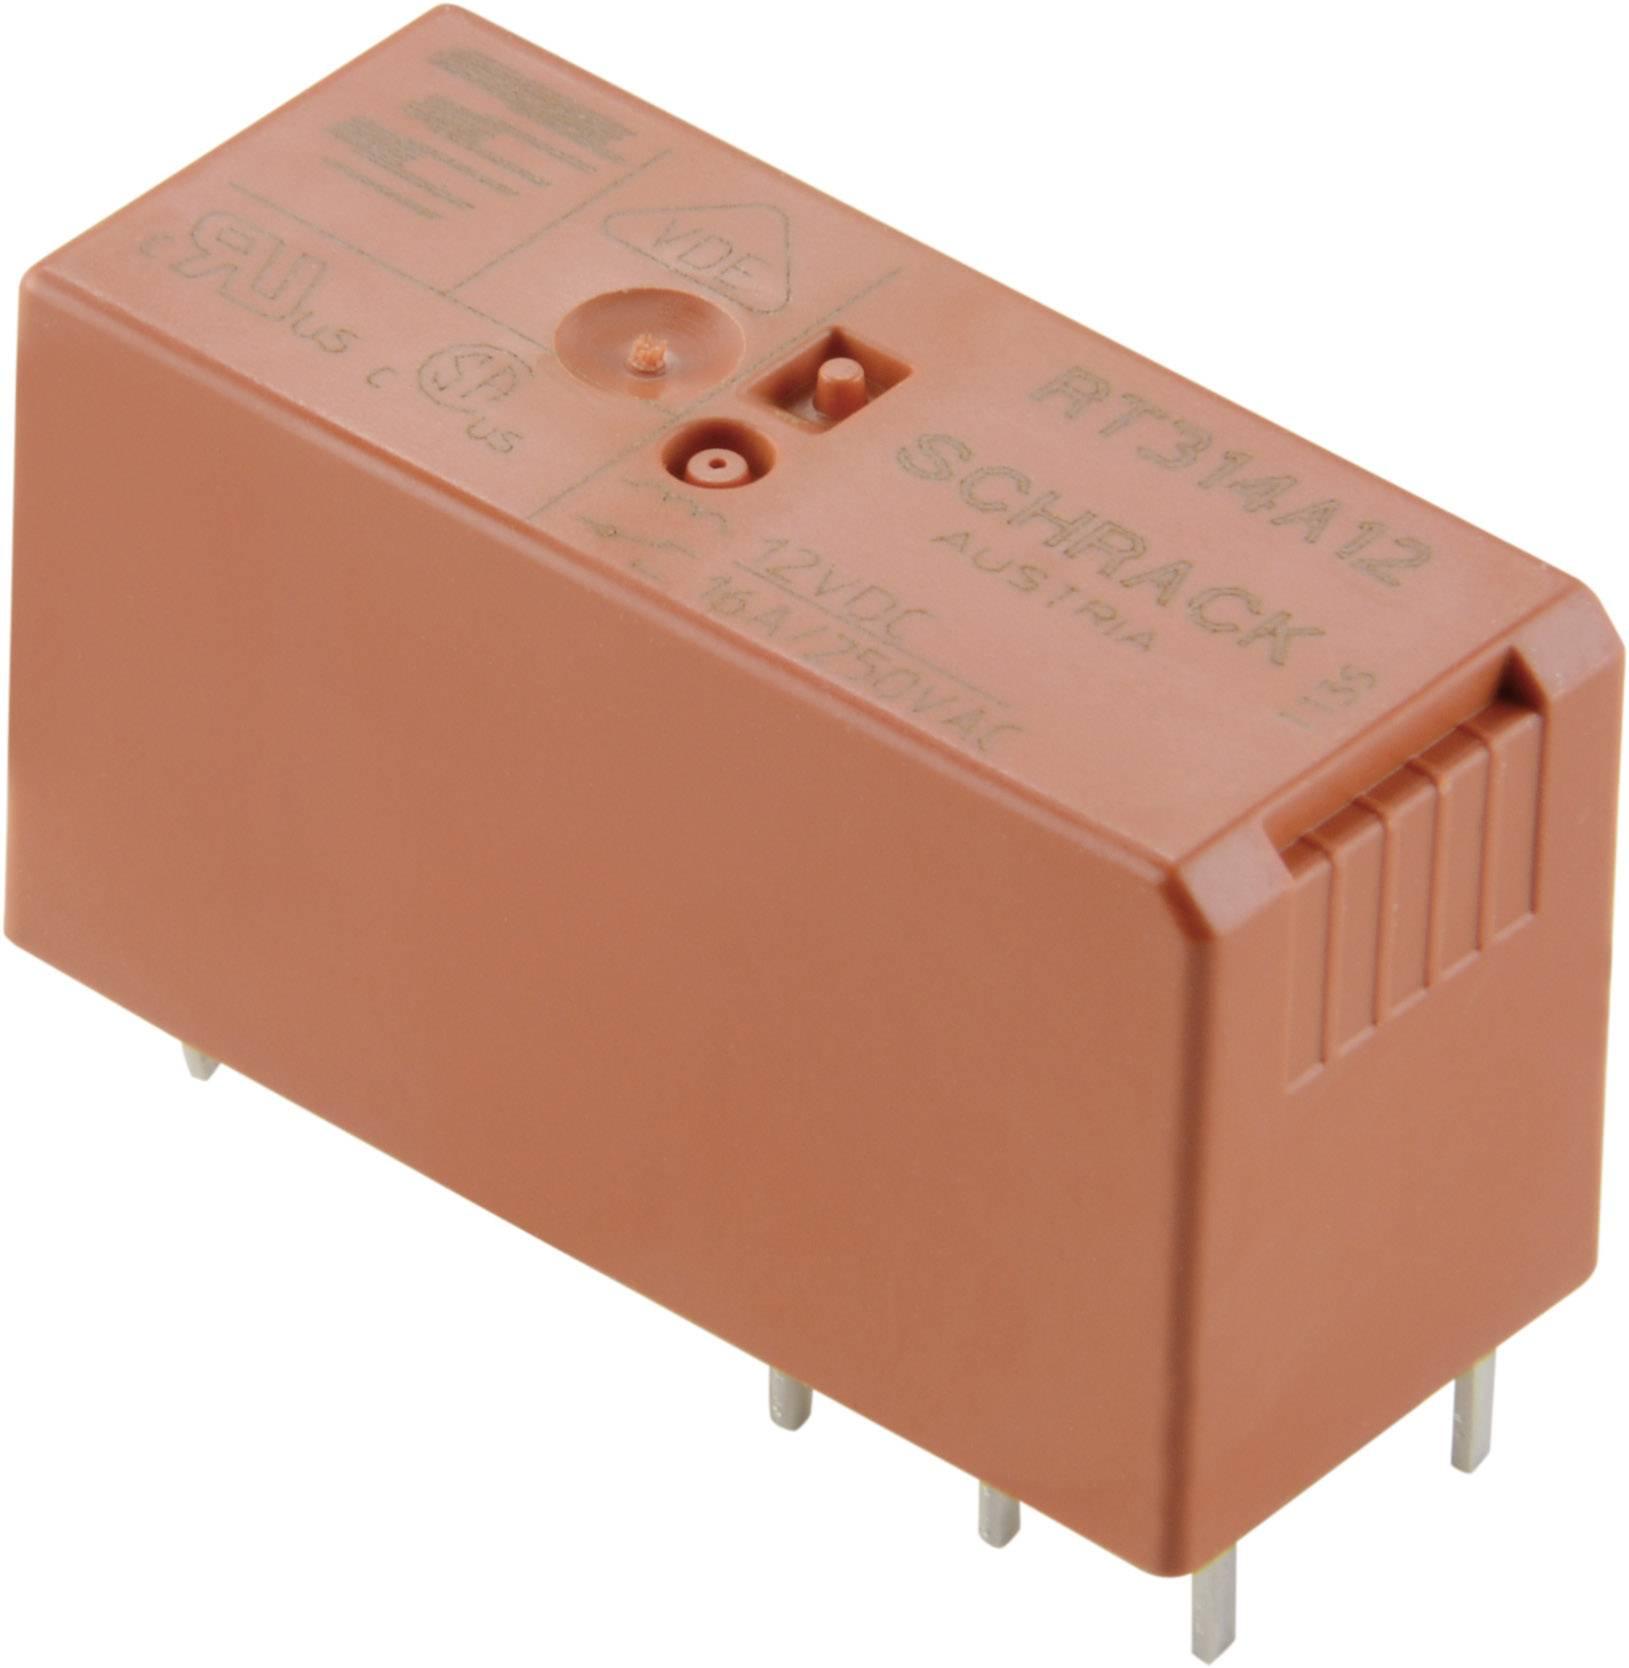 RT-výkon. relé 8 A, 2 x přepínací kontakt TE Connectivity 5-1393243-6, RT424F24, 8 A